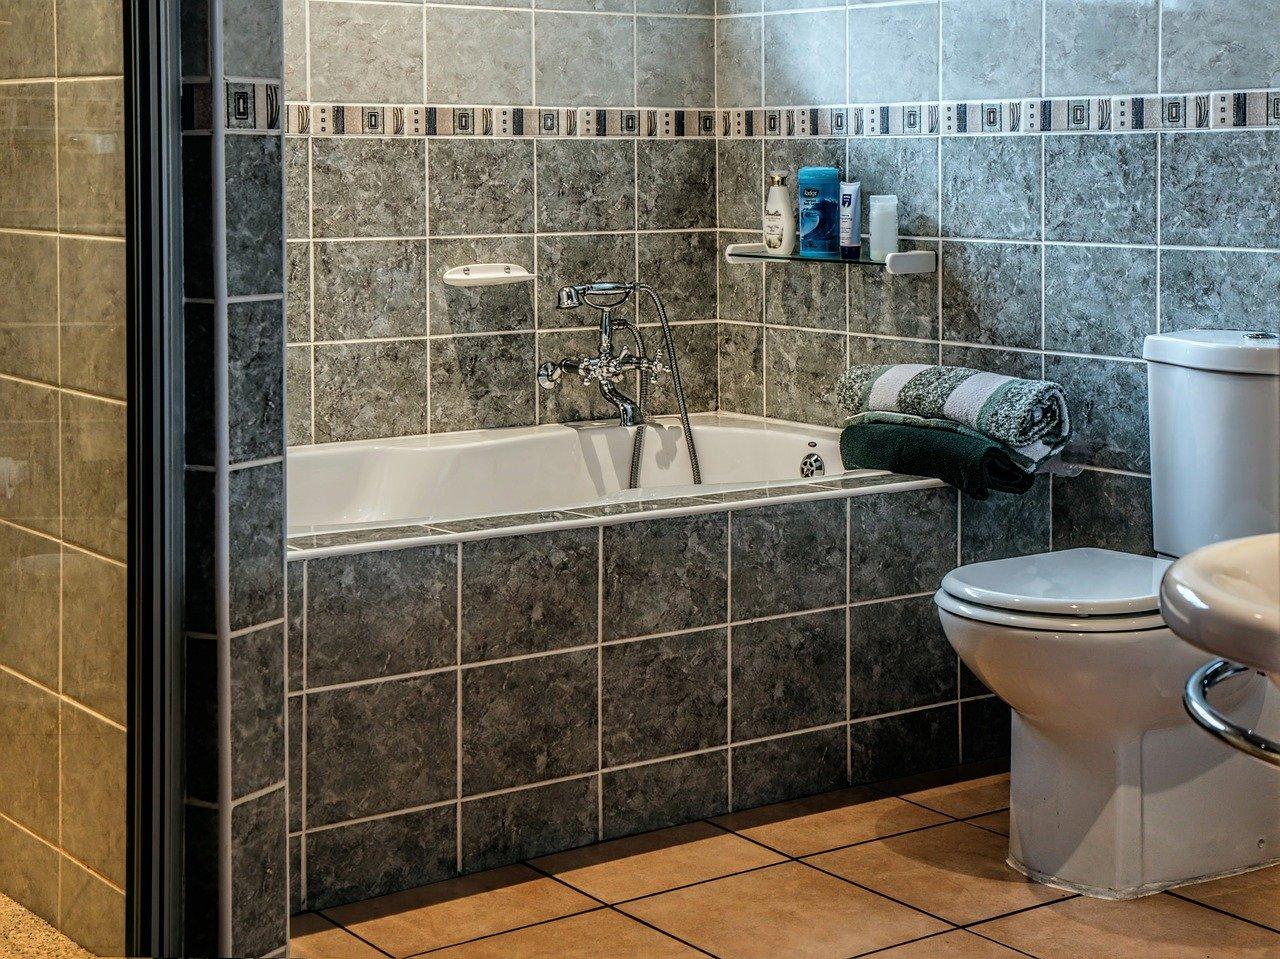 Nowoczesny romantyzm – odkrywamy nowe oblicze łazienki